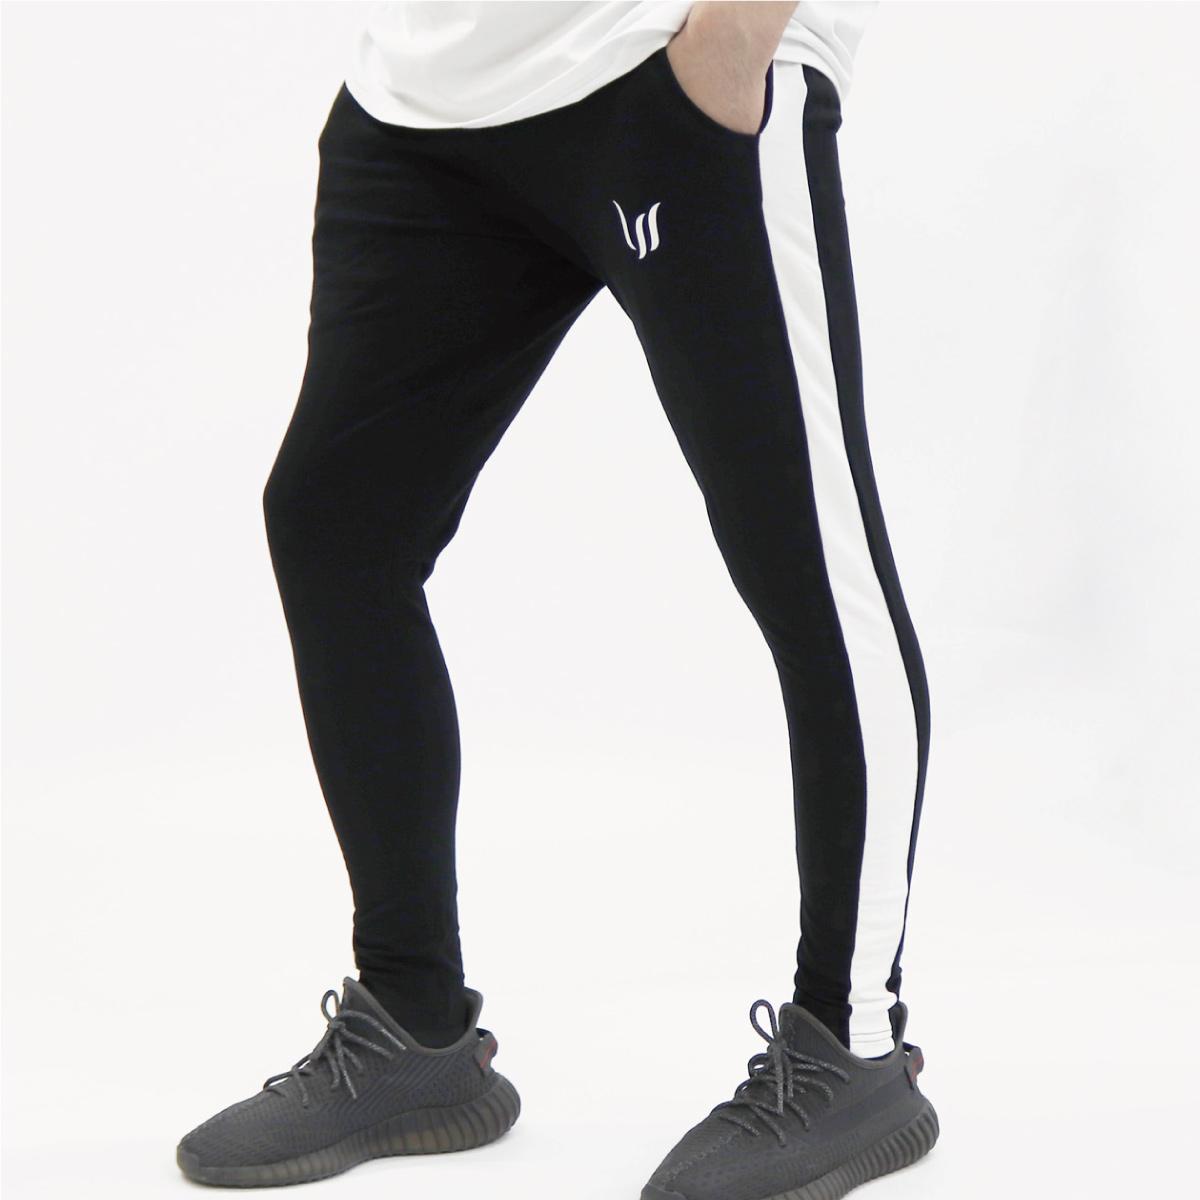 JOGGERS PANTS - BLACK/WHITE